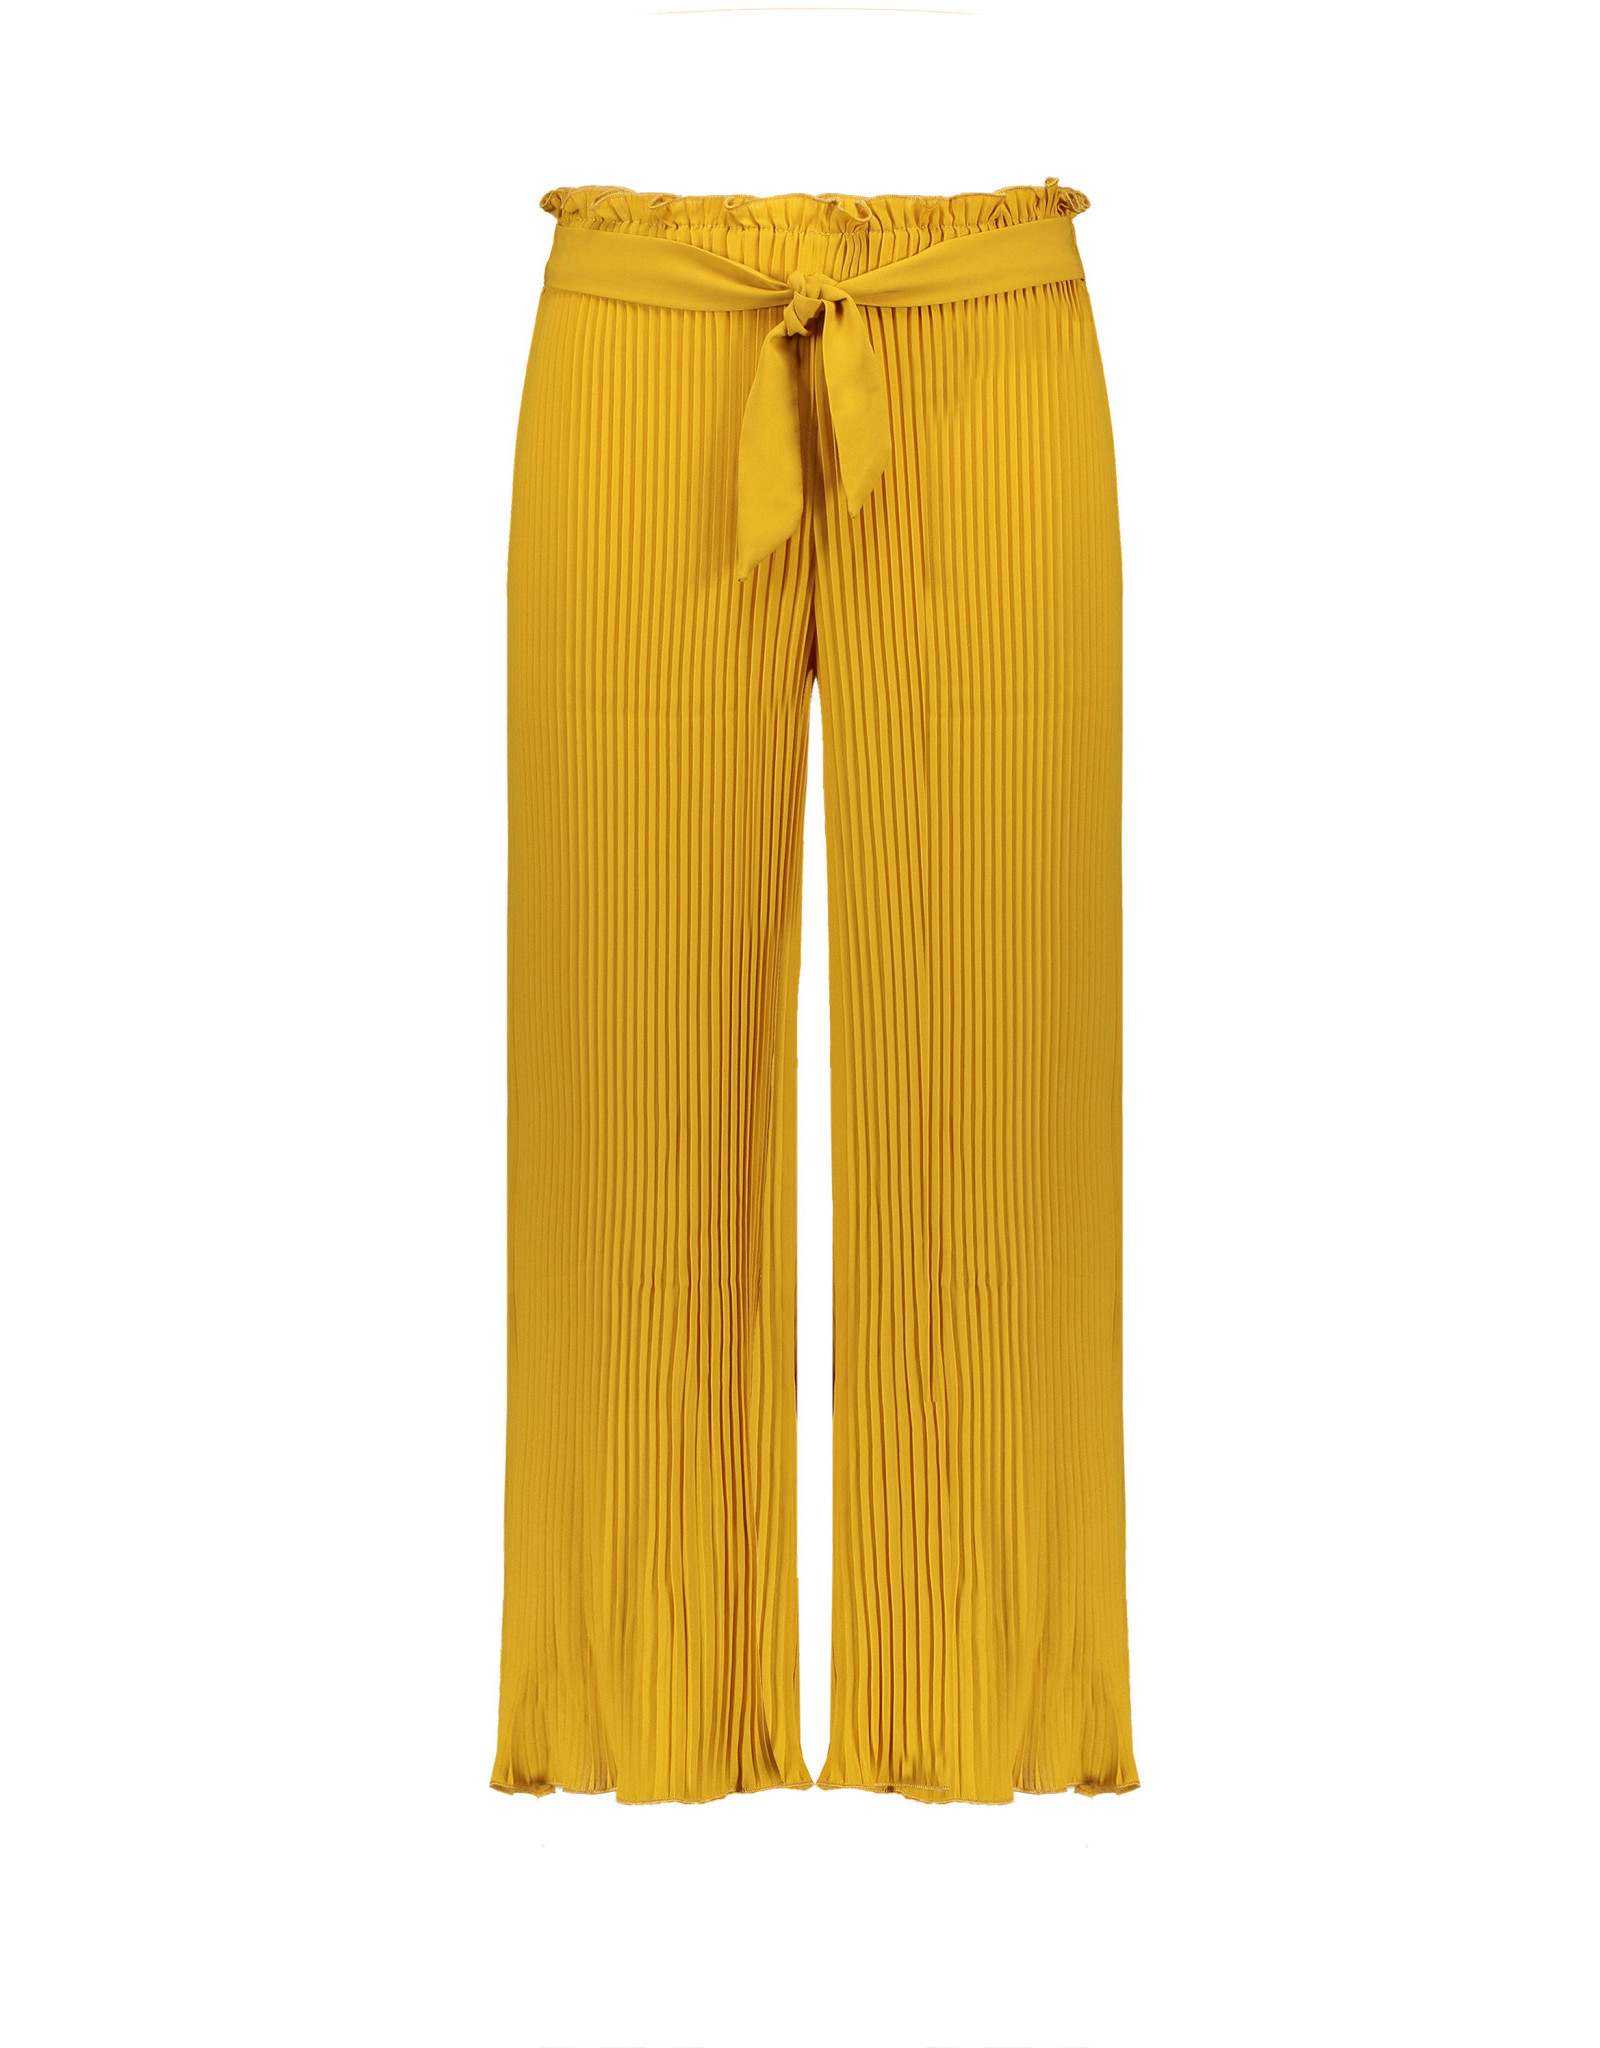 NoBell NoBell meiden plisse broek Sasha Safari Gold